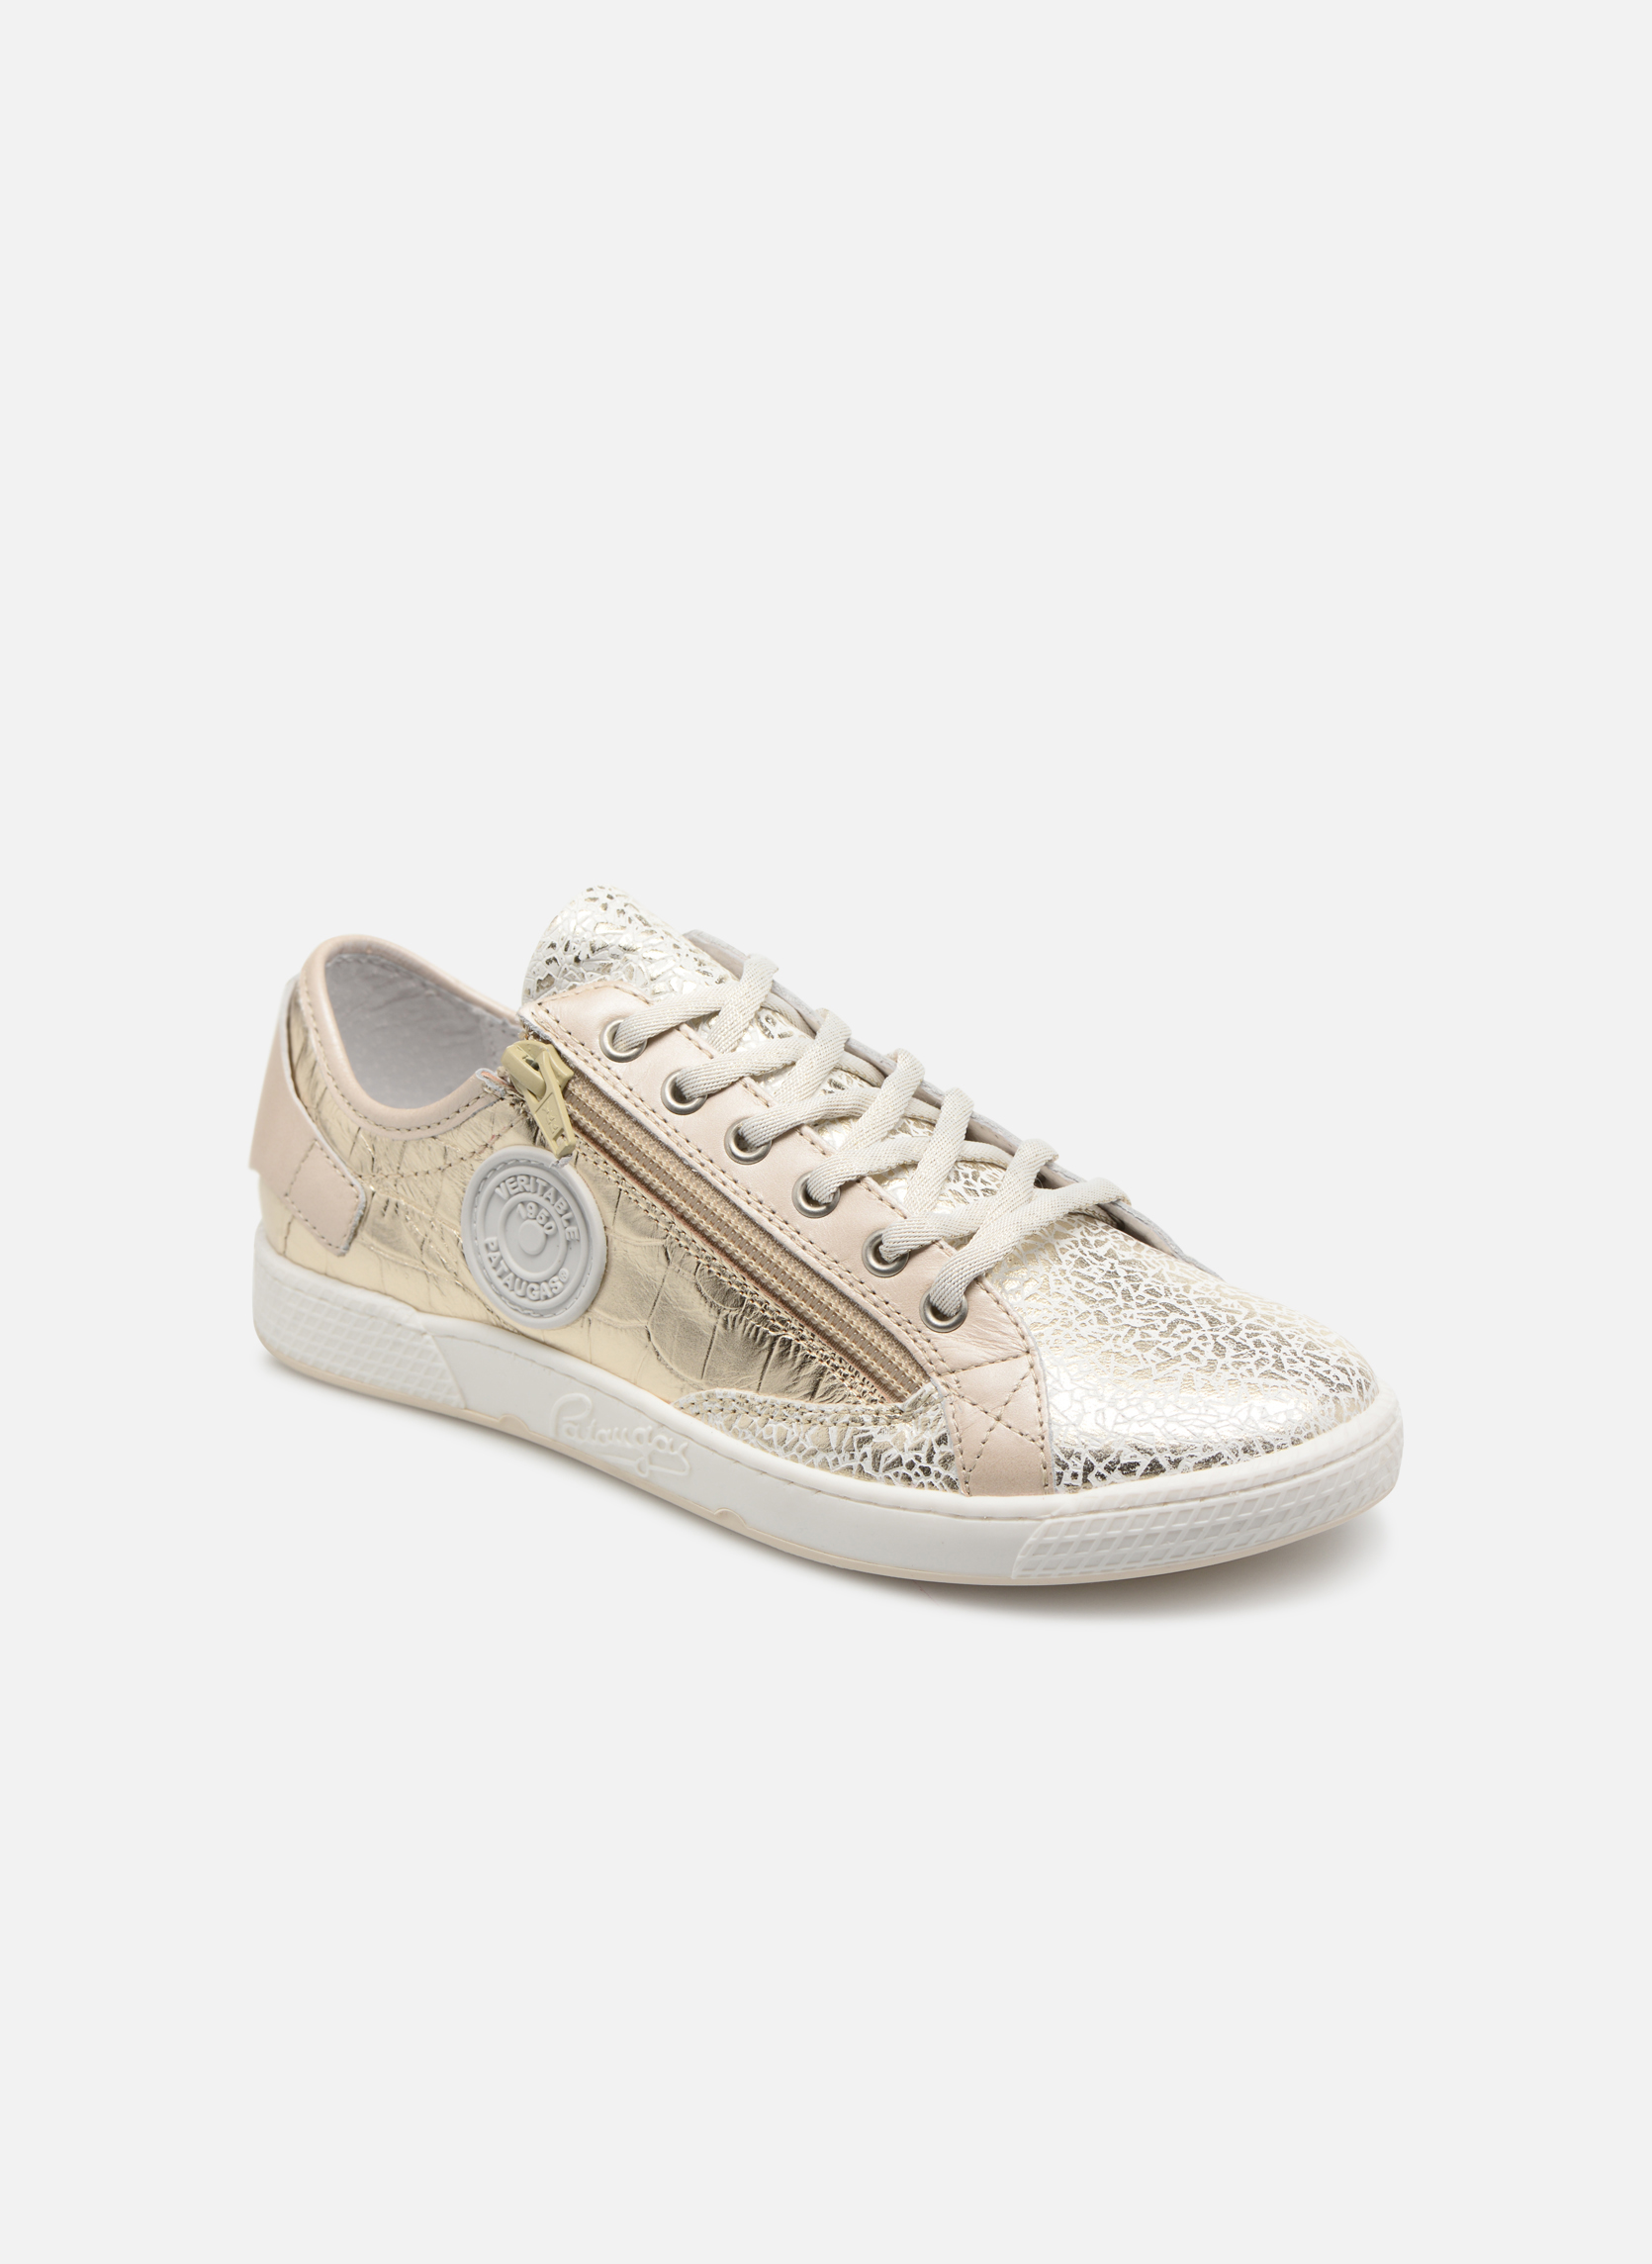 Grandes descuentos últimos zapatos Pataugas JesterMS (Oro y bronce) - Deportivas Descuento